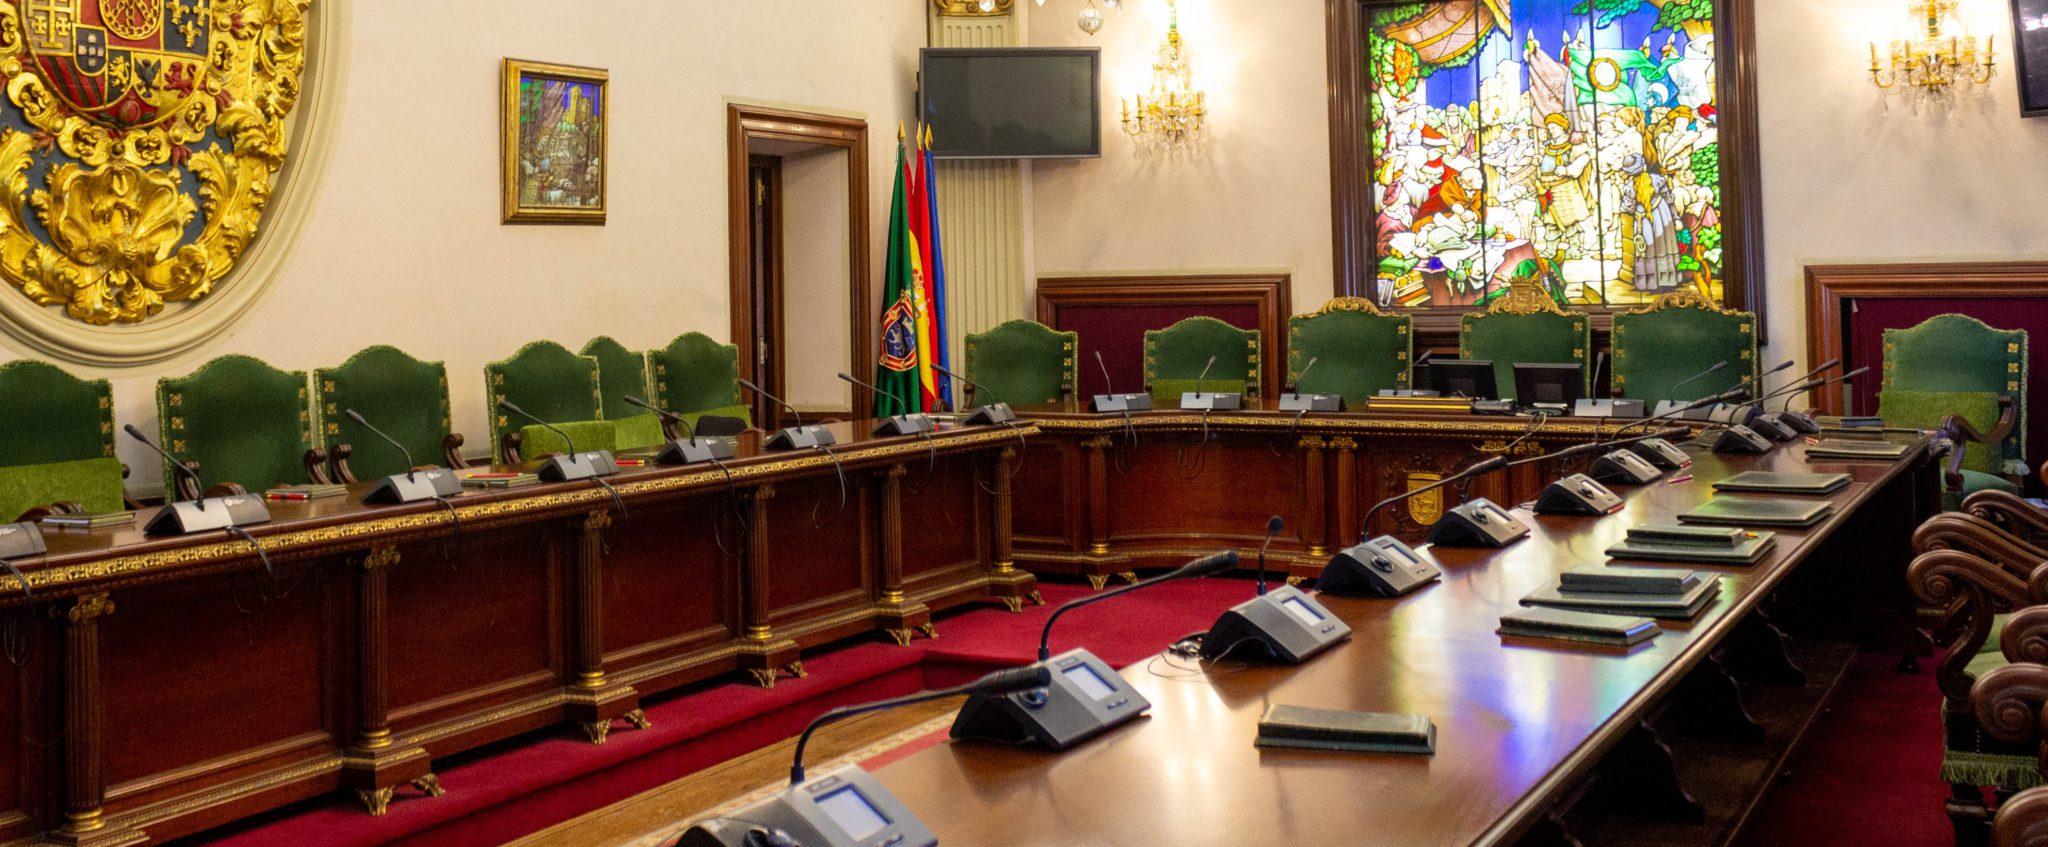 La Casa De Misericordia Participó En La Comisión COVID-19 Del Ayuntamiento De Pamplona